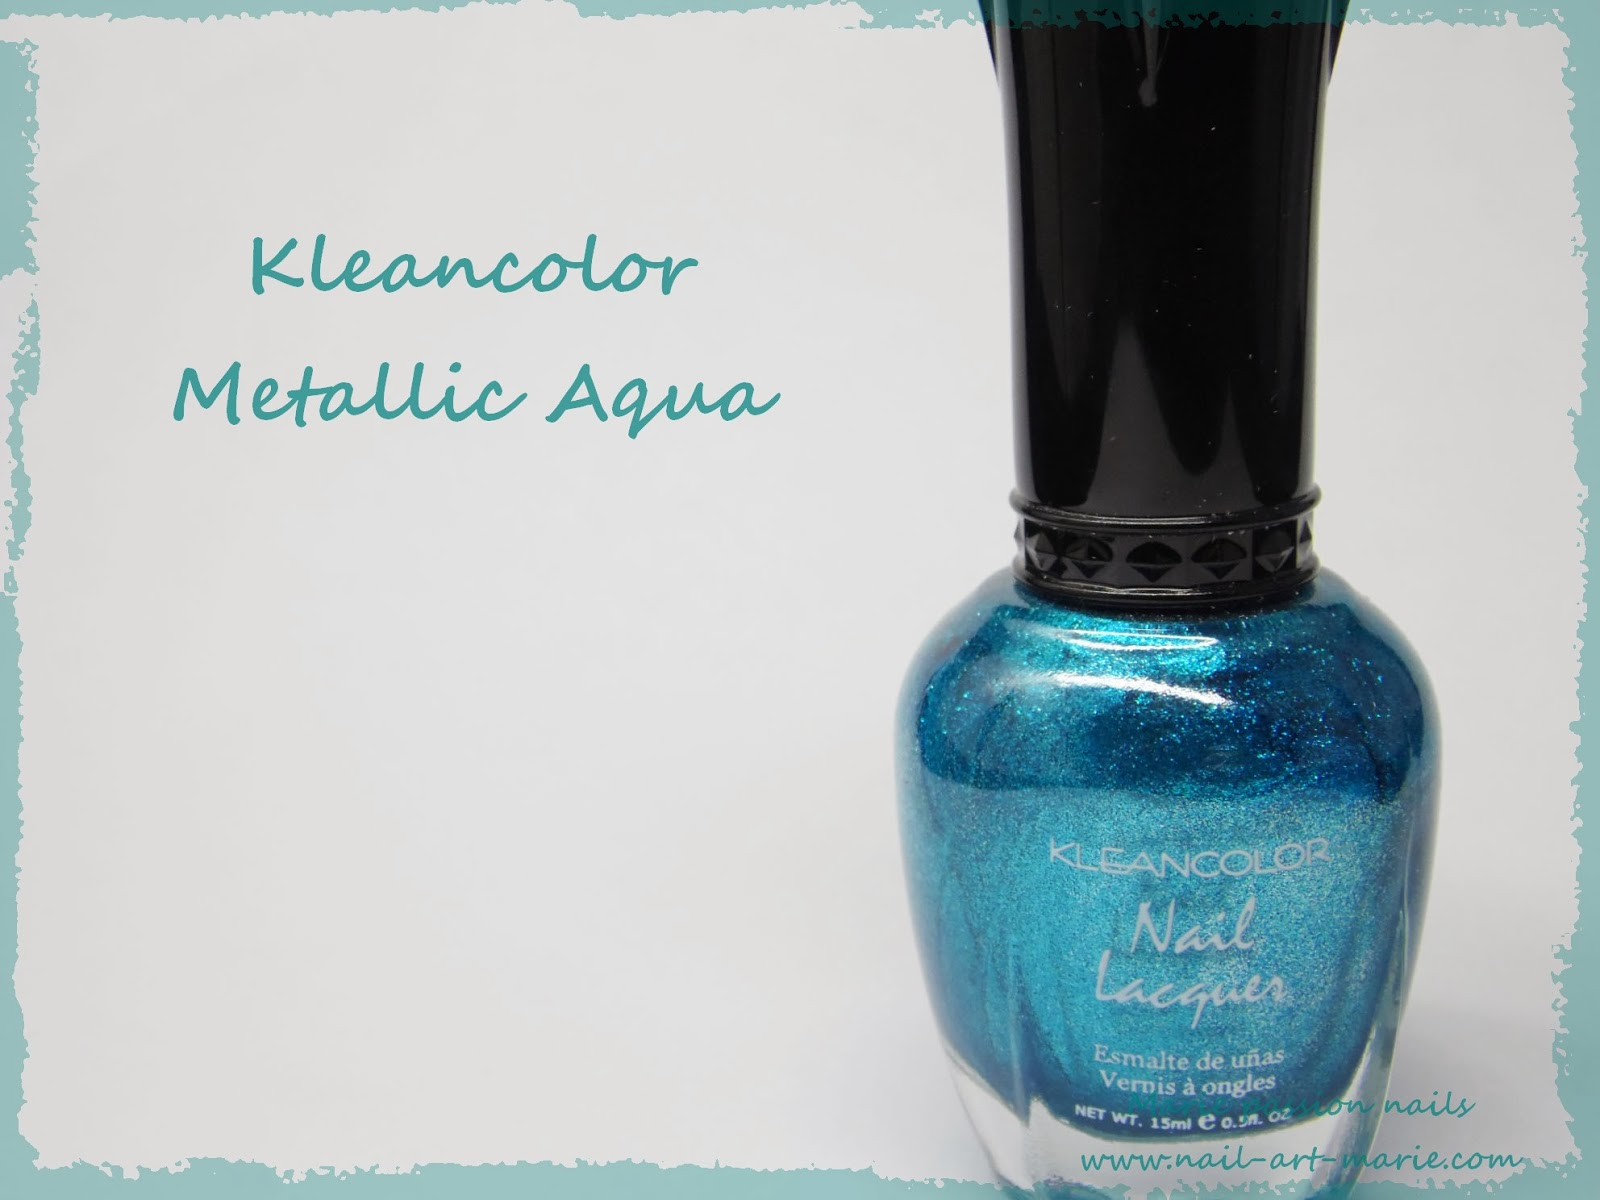 Kleancolor Metallic Aqua1